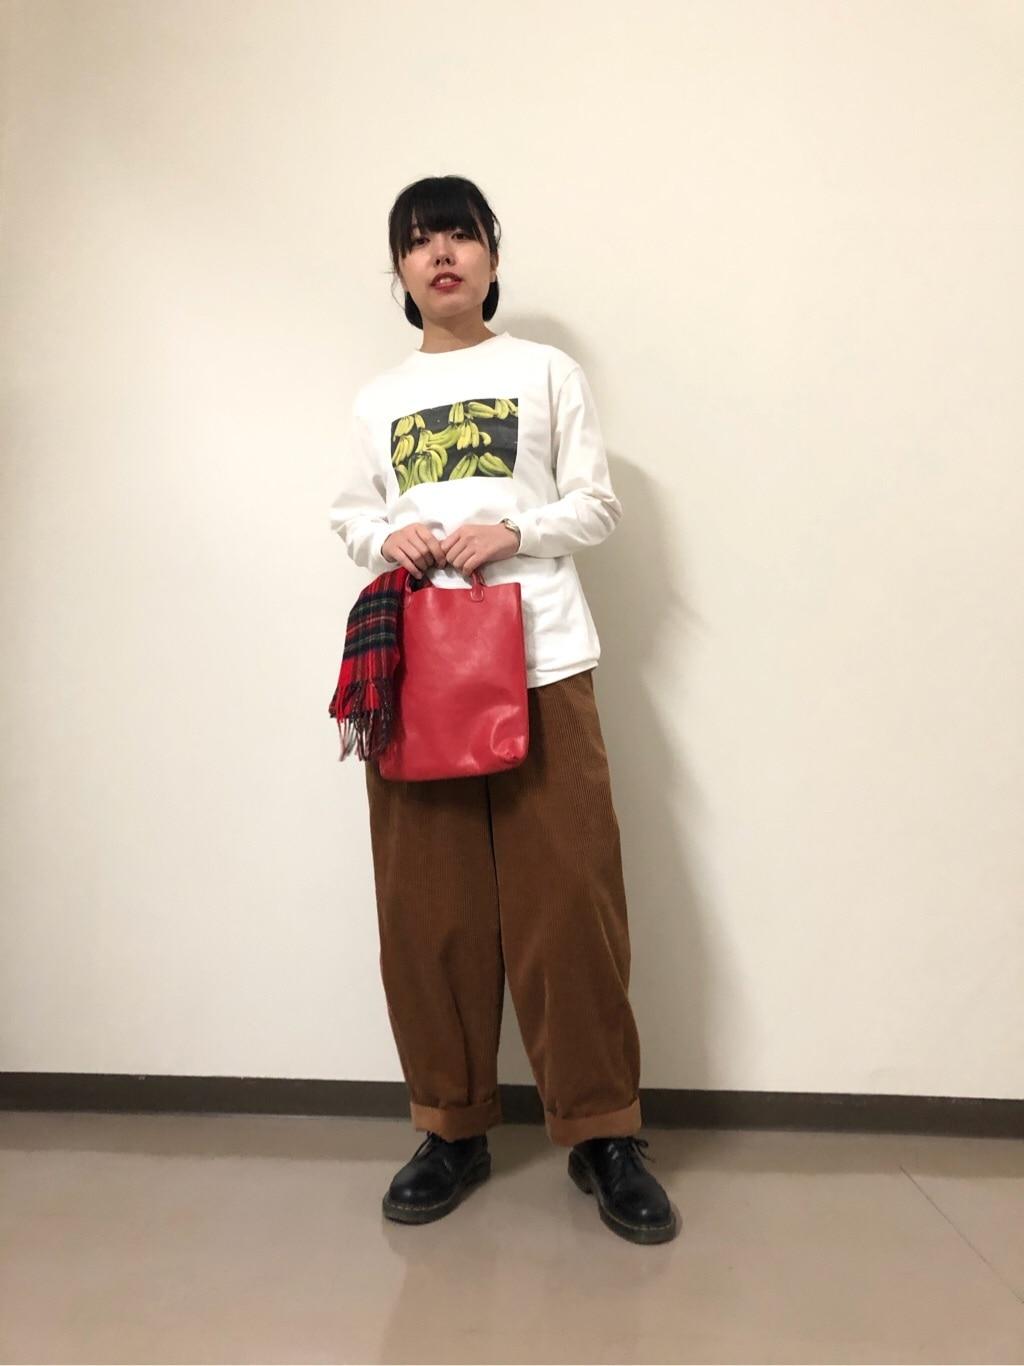 アトレ川崎 2019.11.24